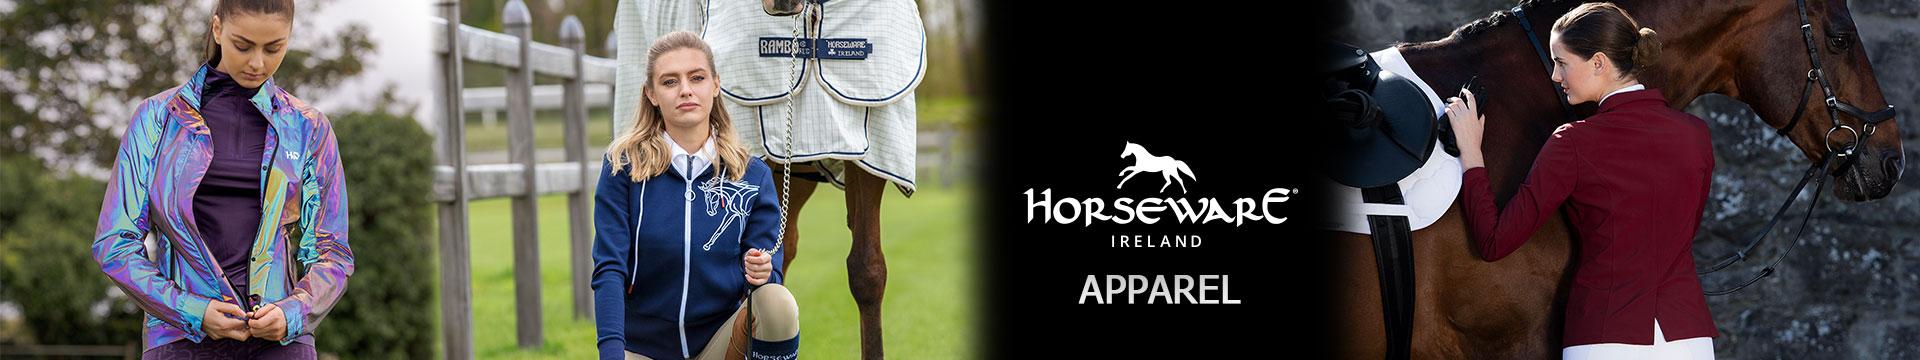 Horseware Apparel